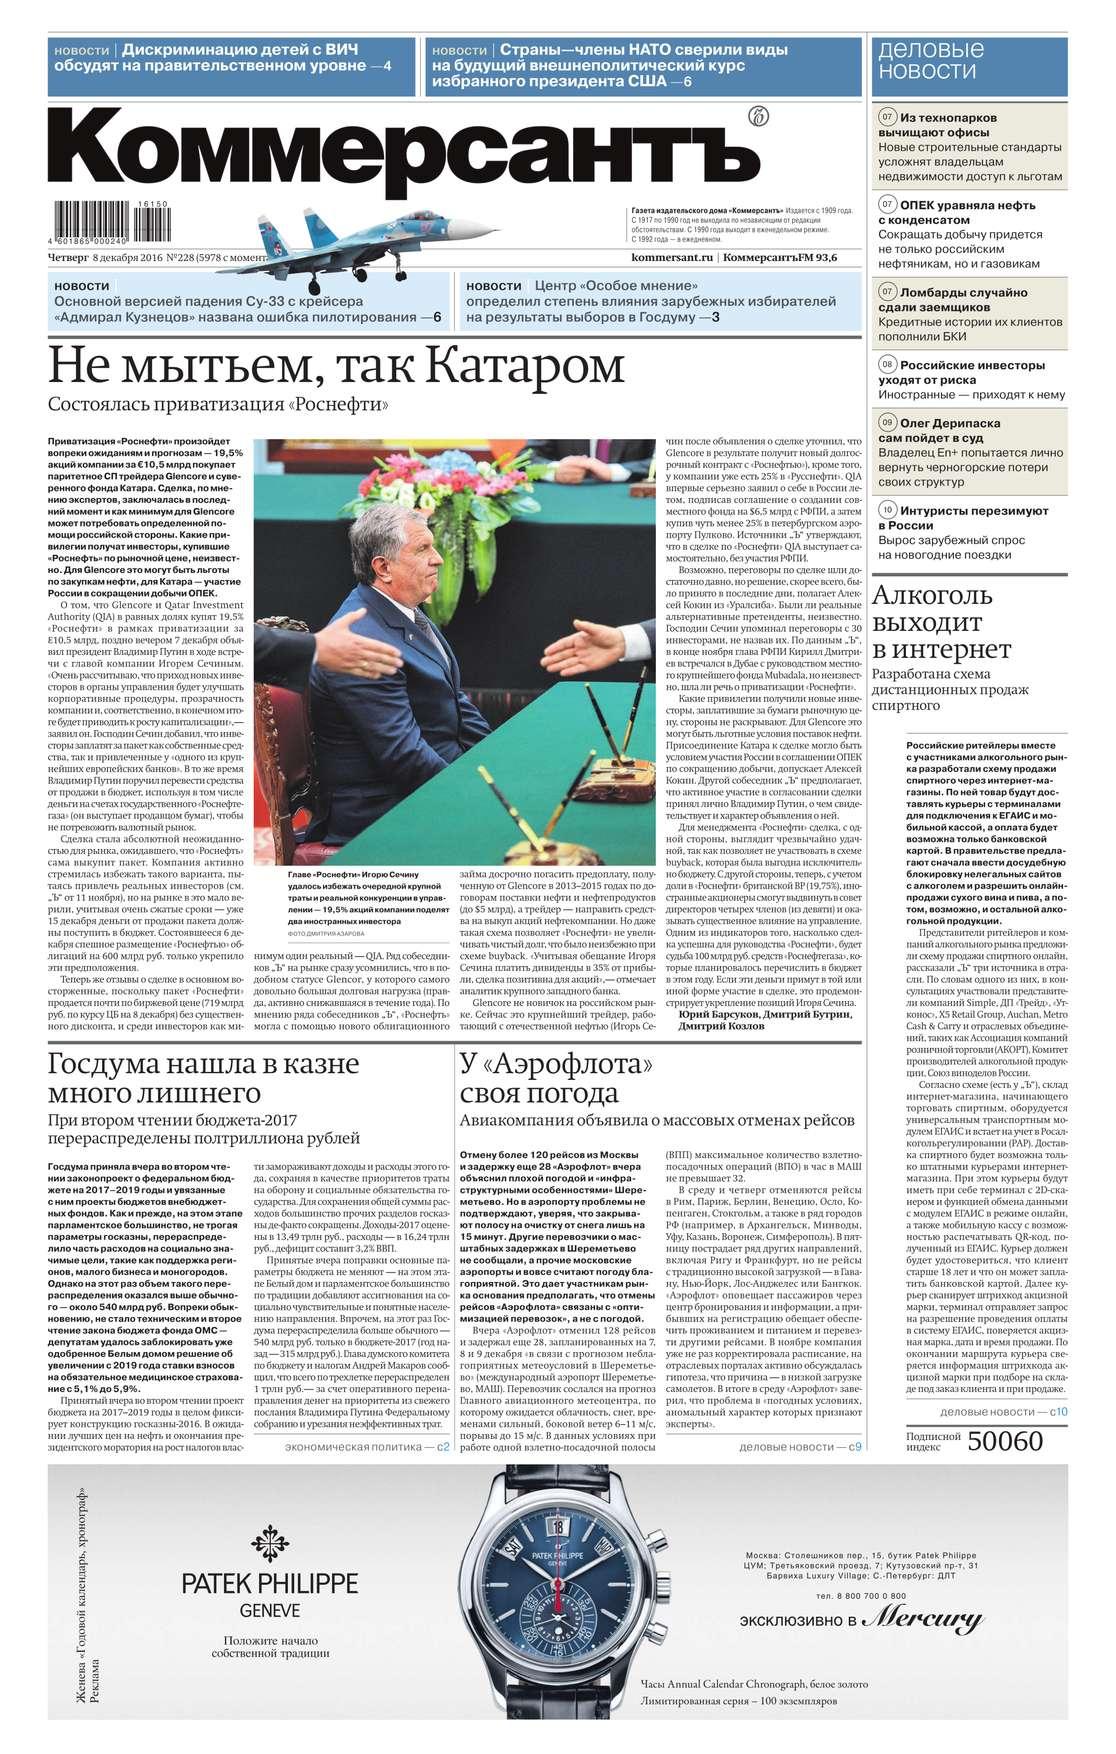 Редакция газеты Коммерсантъ (понедельник-пятница) КоммерсантЪ (понедельник-пятница) 228-2016 fdp6676 to 220